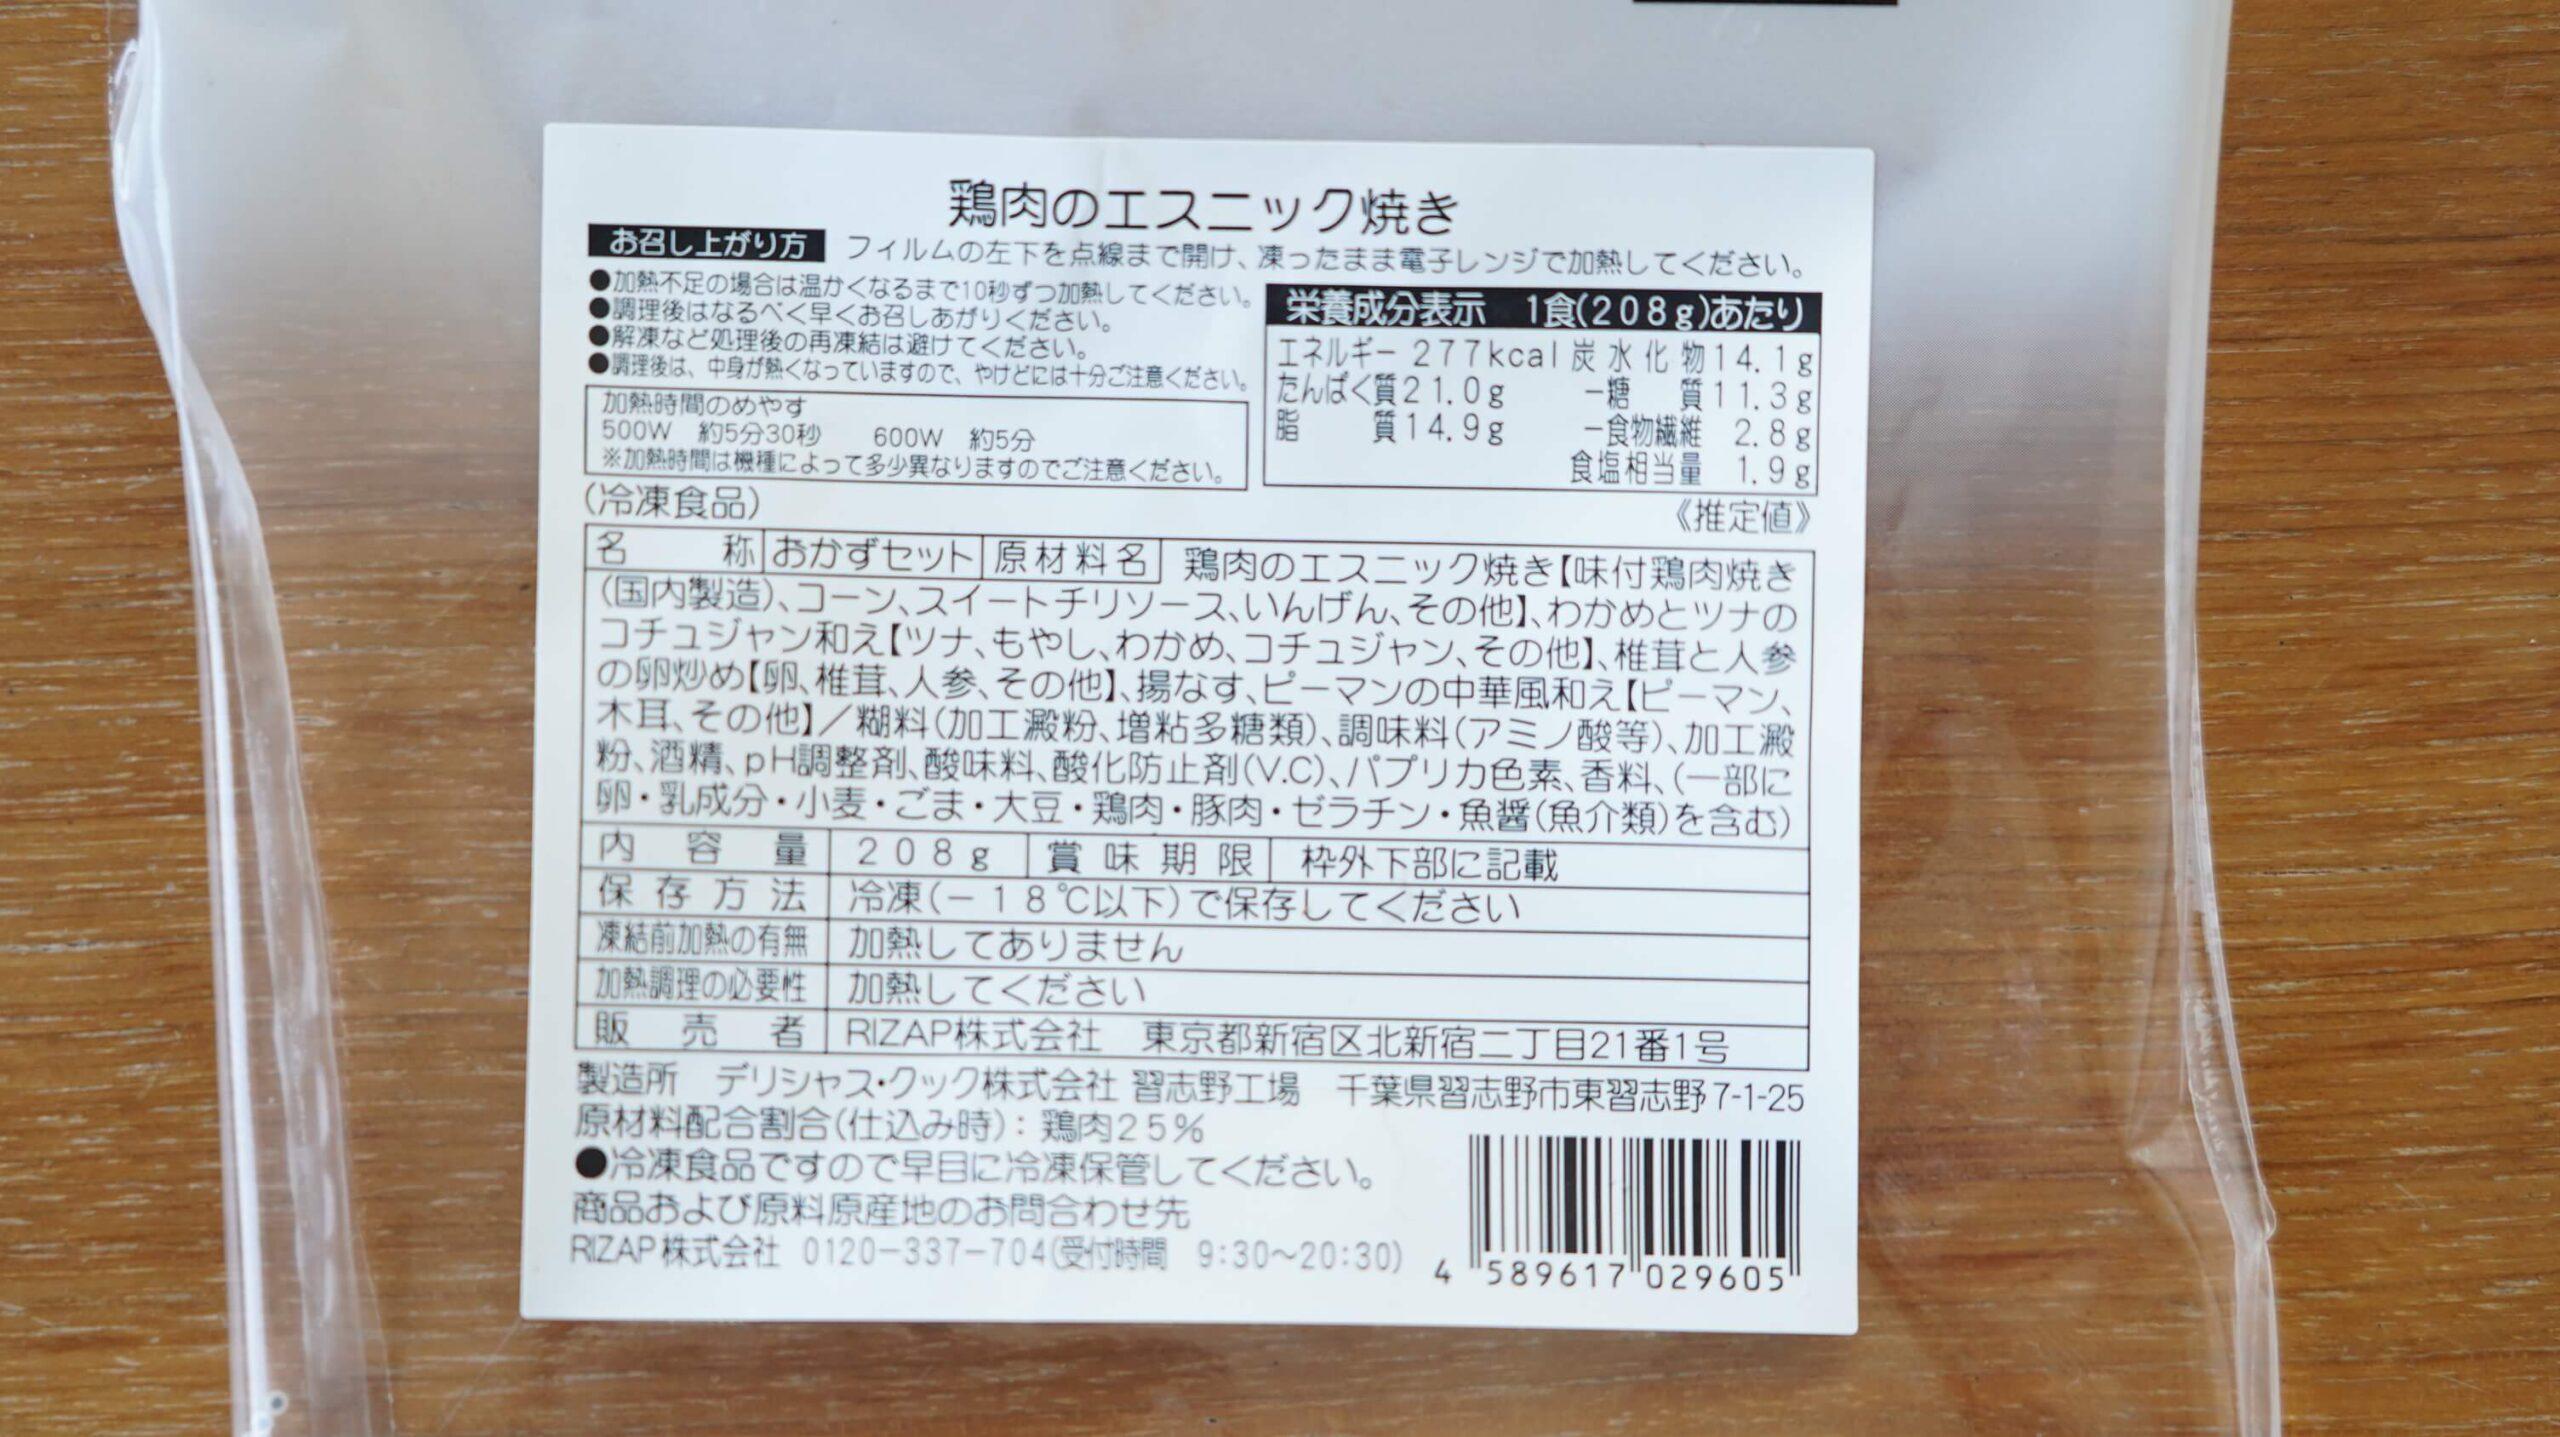 ライザップのサポートミール「鶏肉のエスニック焼き」の商品情報の写真